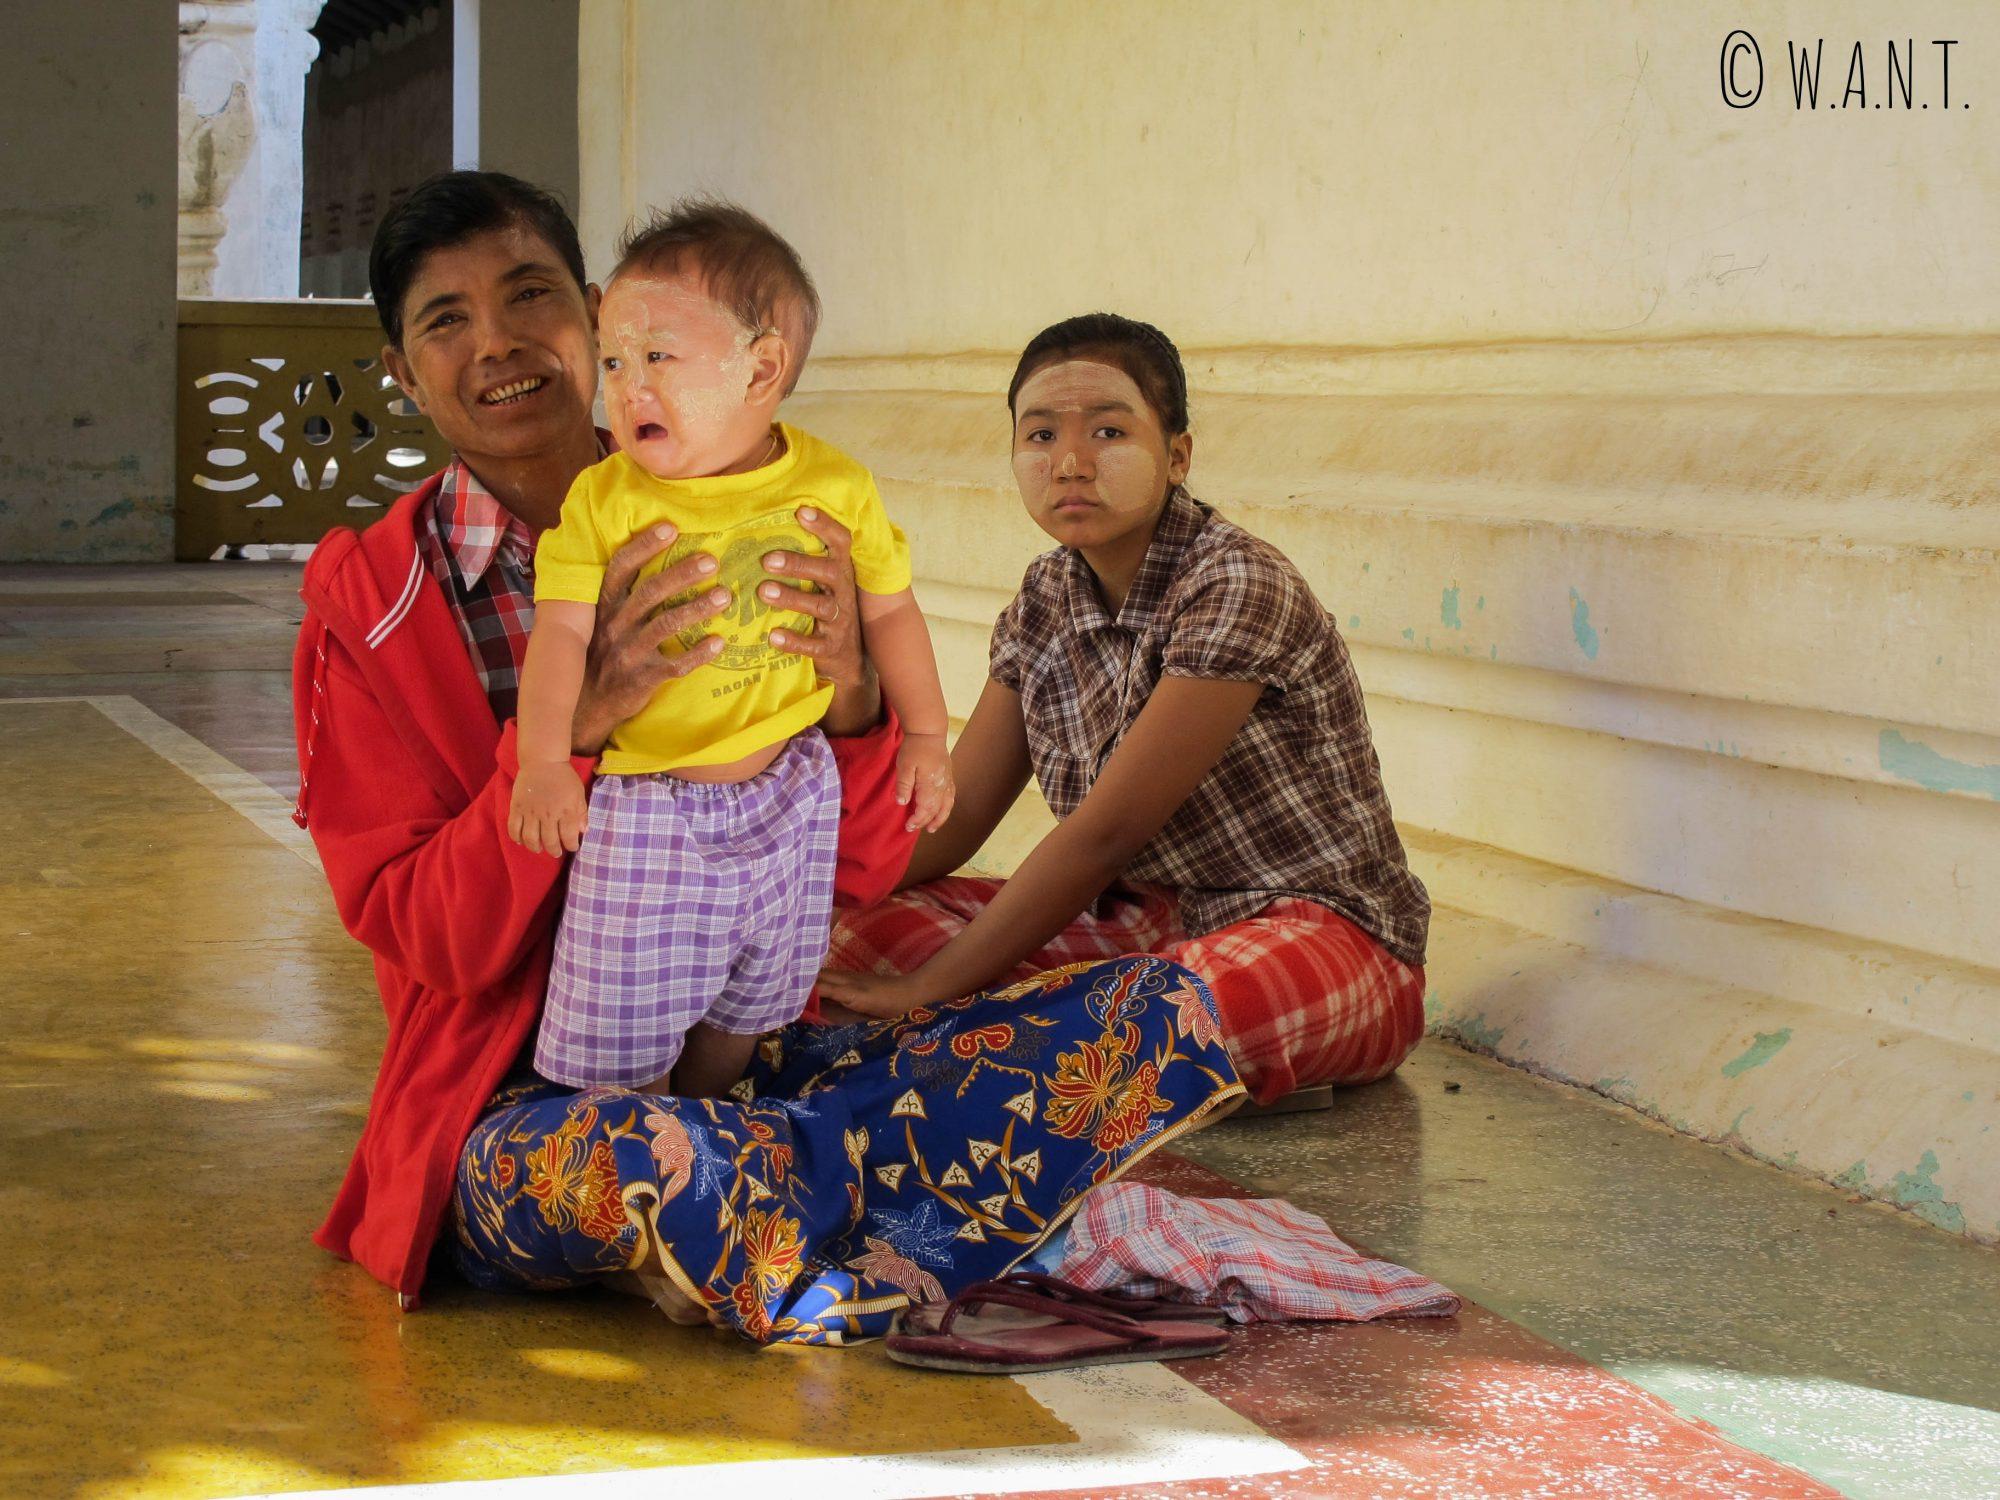 Les birmans viennent en famille au temple se protéger de la chaleur